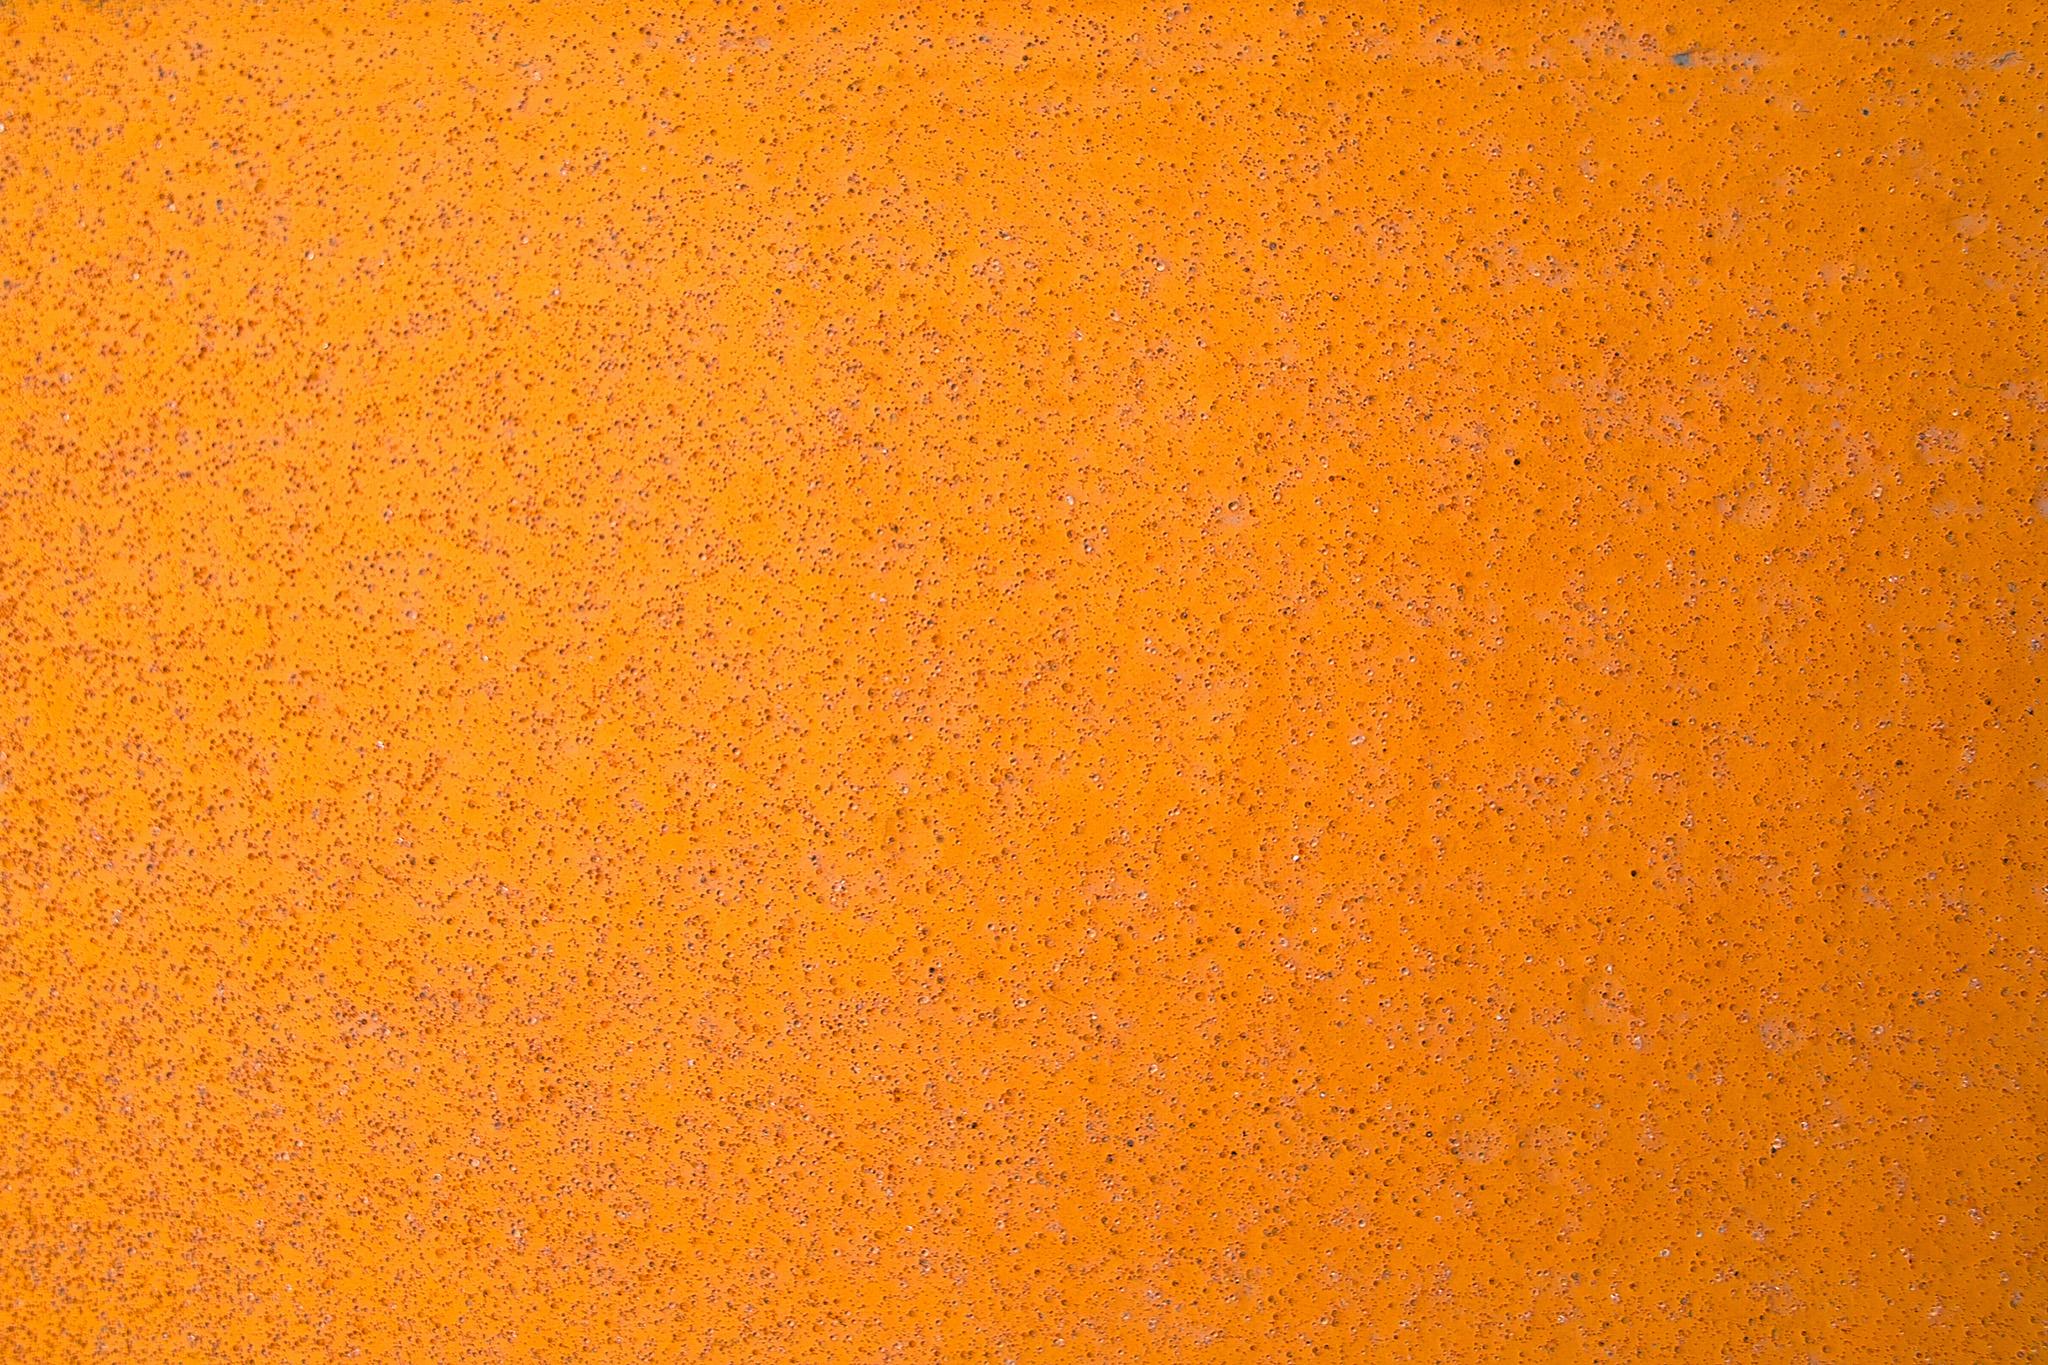 「オレンジ色に塗装された鉄板に細かい錆が浮き出る」